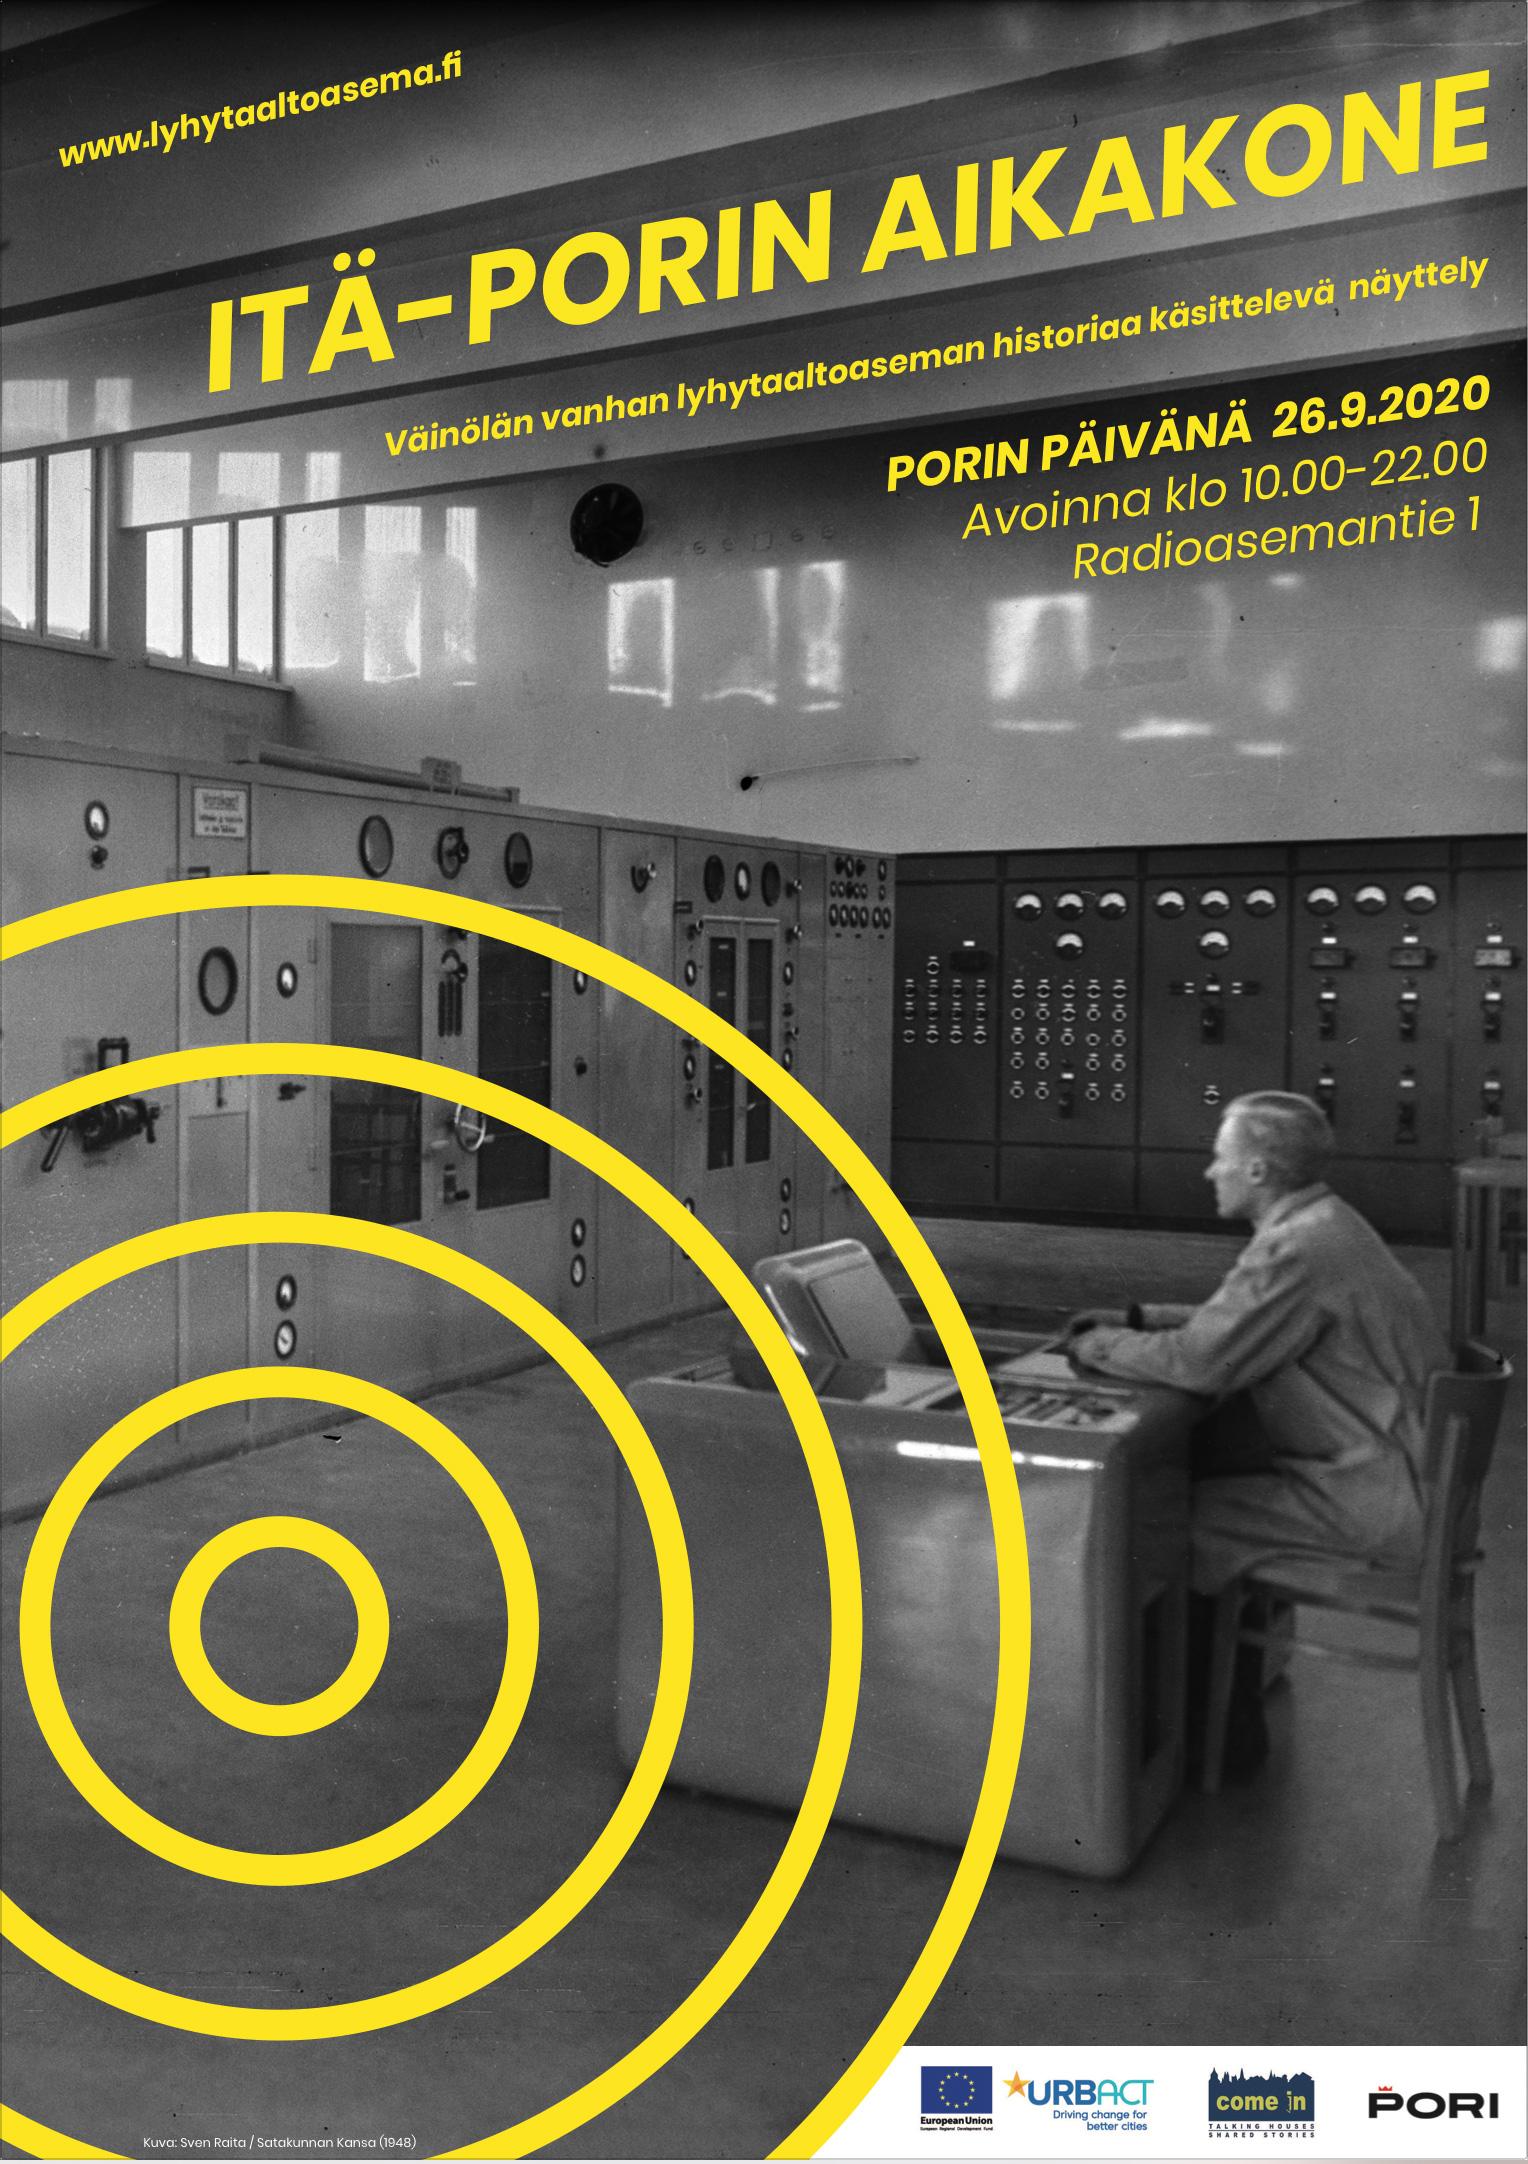 Itä-Porin aikakone –näyttely  Porin päivänä 26.9.2020